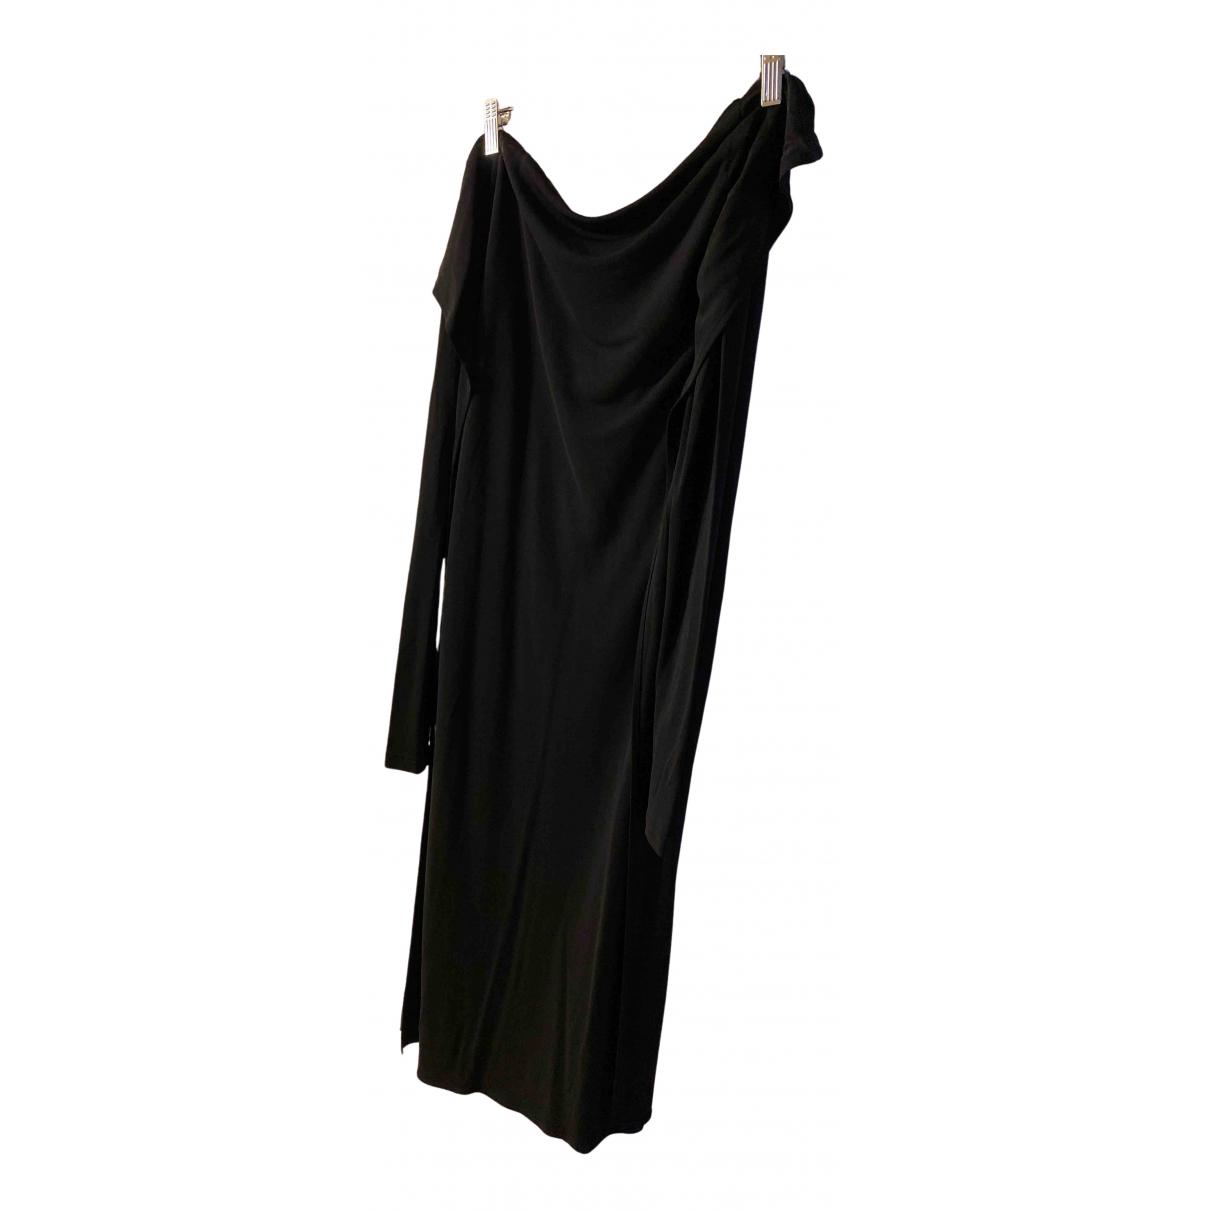 Maison Martin Margiela - Robe   pour femme - noir